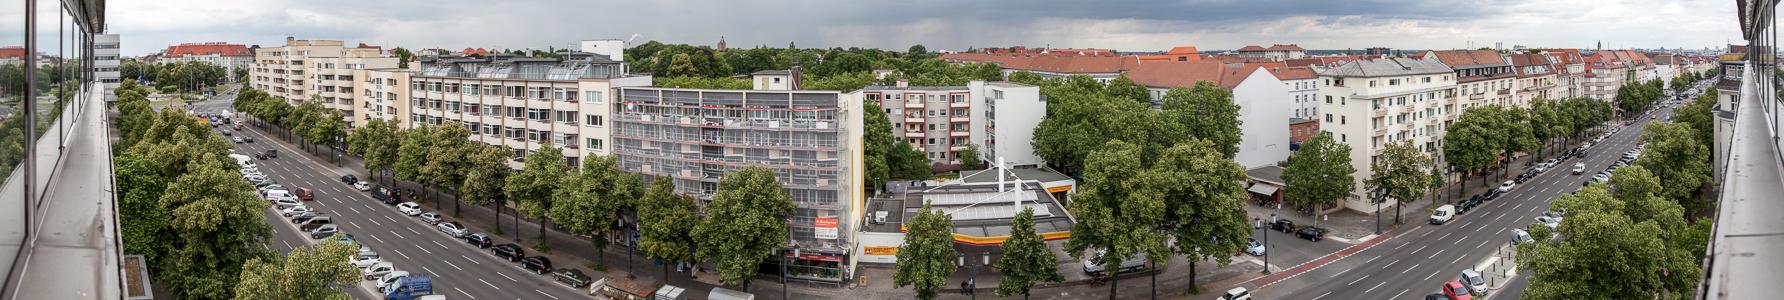 Westend: Blick aus dem Concorde Hotel am Studio auf den Kaiserdamm Berlin